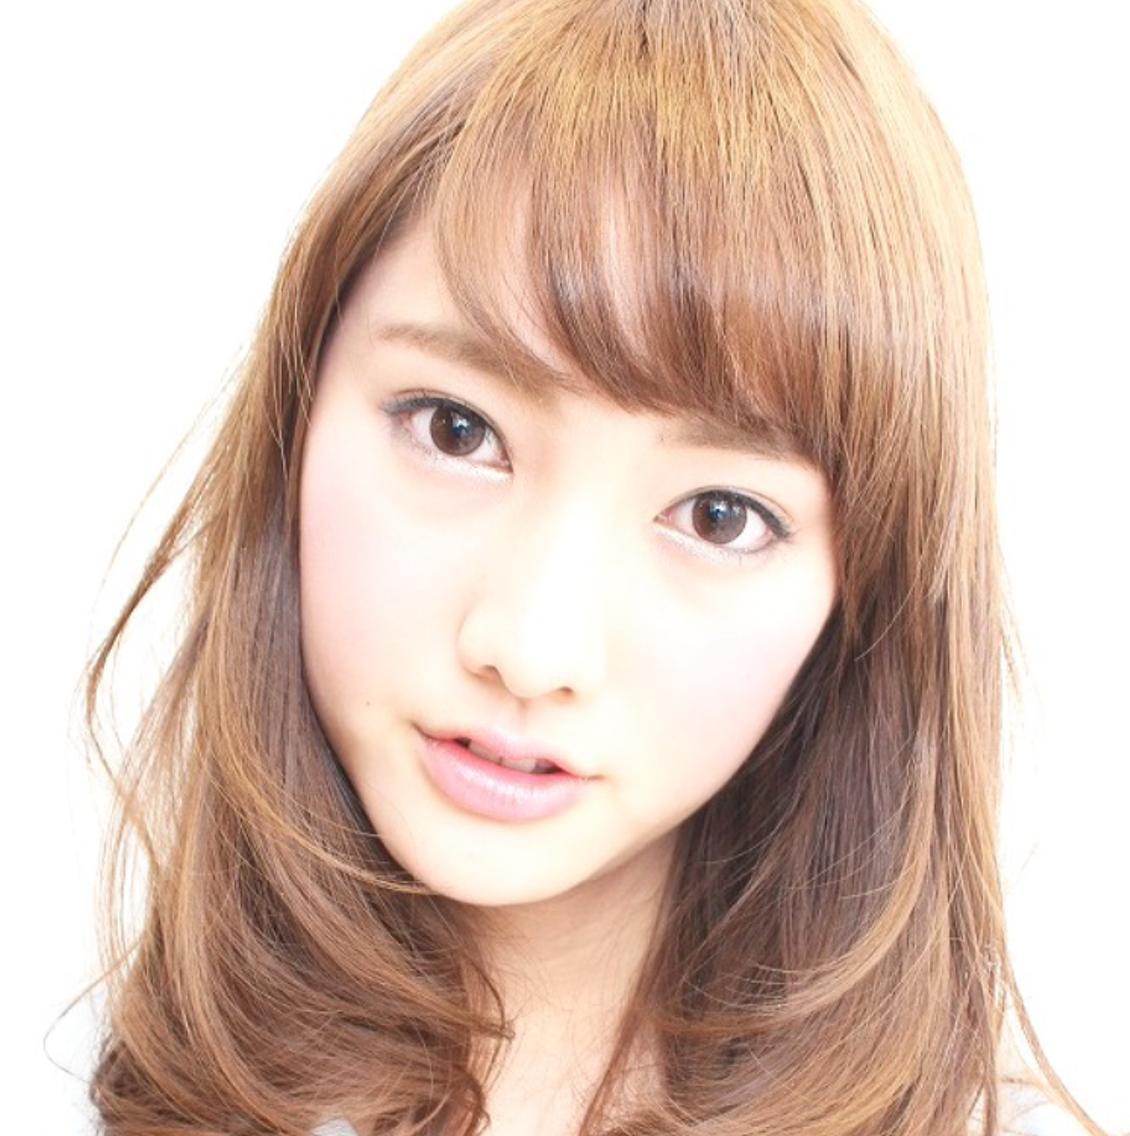 ☆前髪カット&眉カット☆前髪、眉のバランスでイメージチェンジは、いかがでしょうか⁇